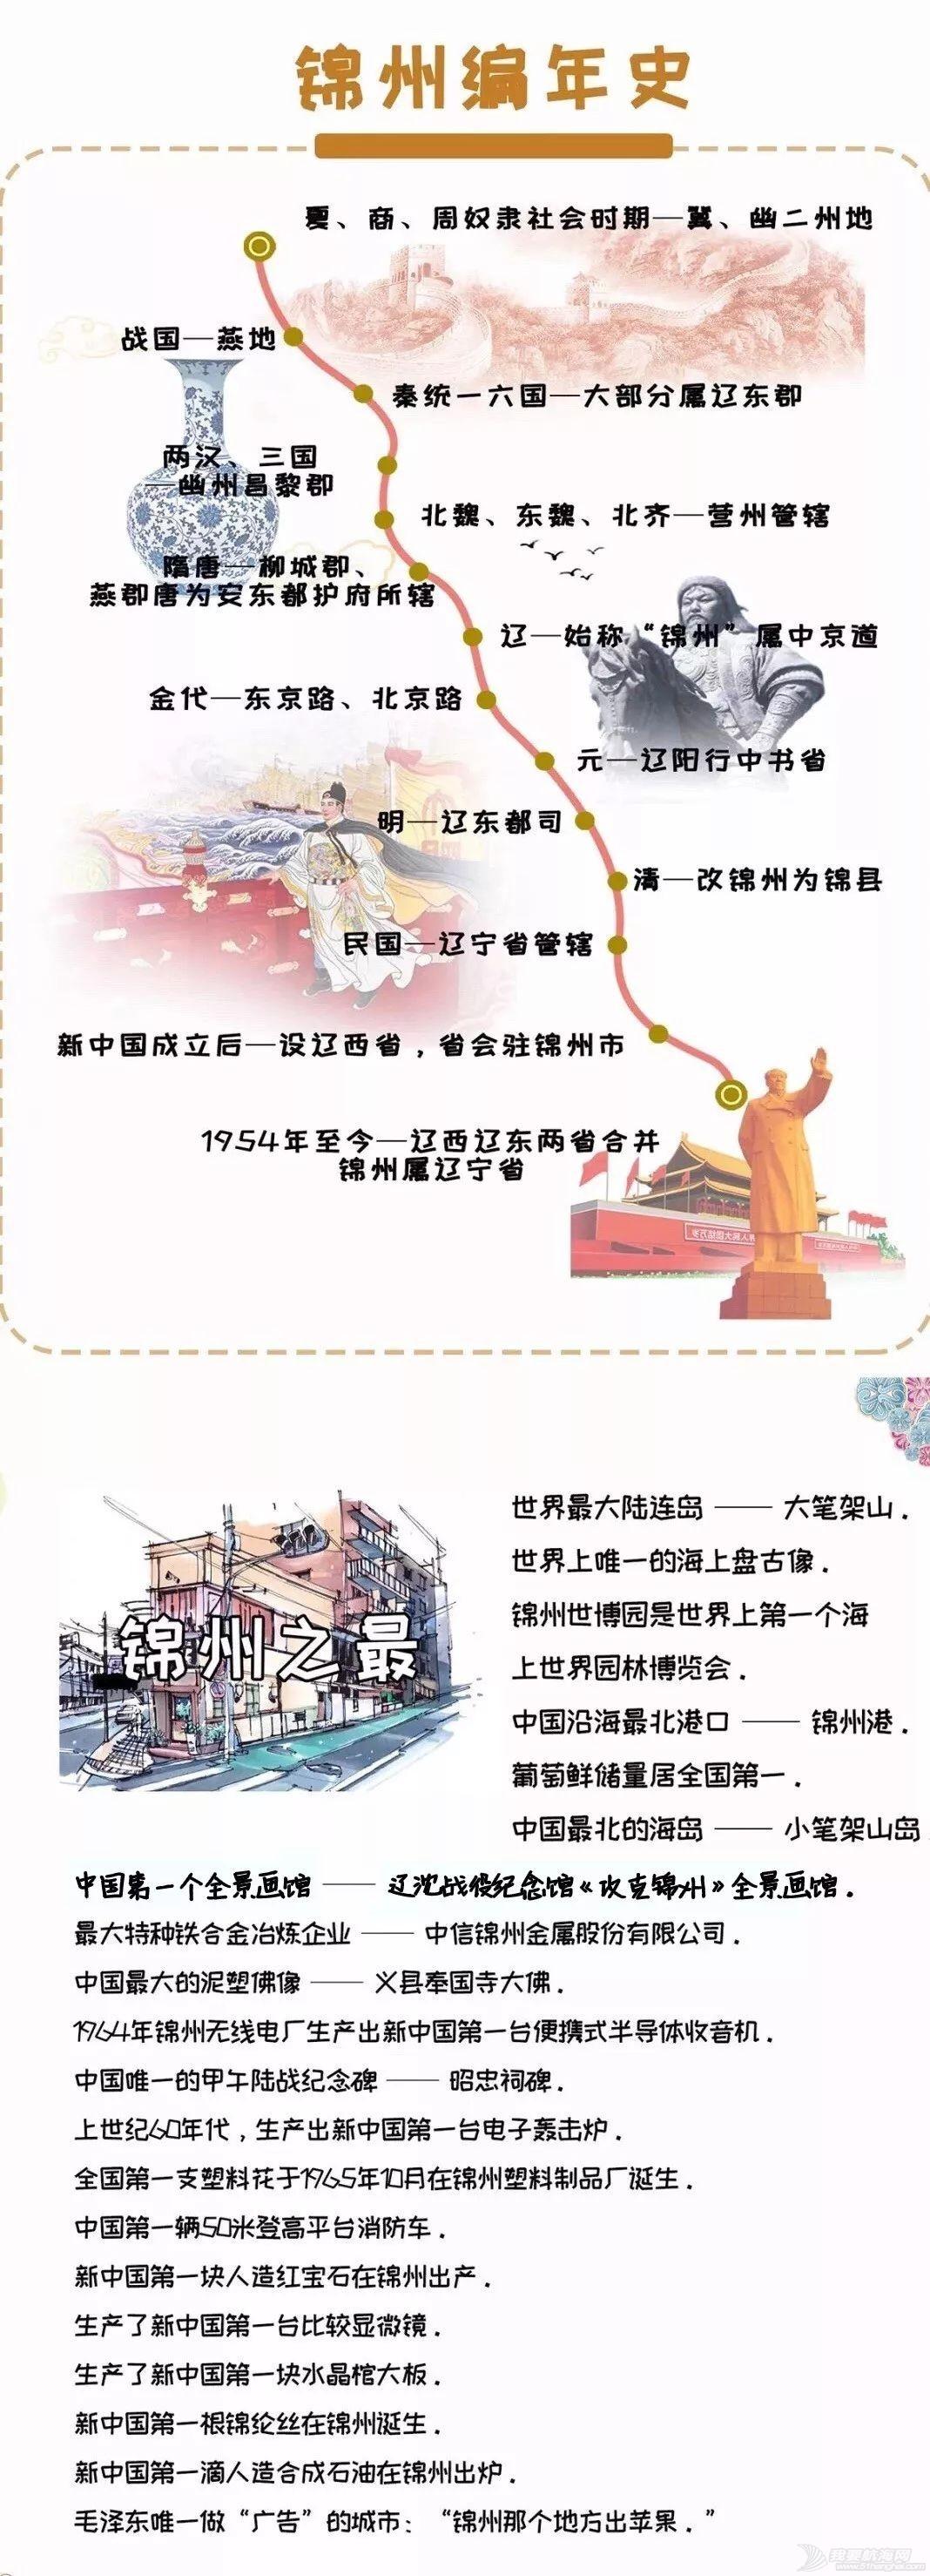 听风寻山海!闻香识锦州!2019中国家庭帆船赛锦州站即将举行w2.jpg